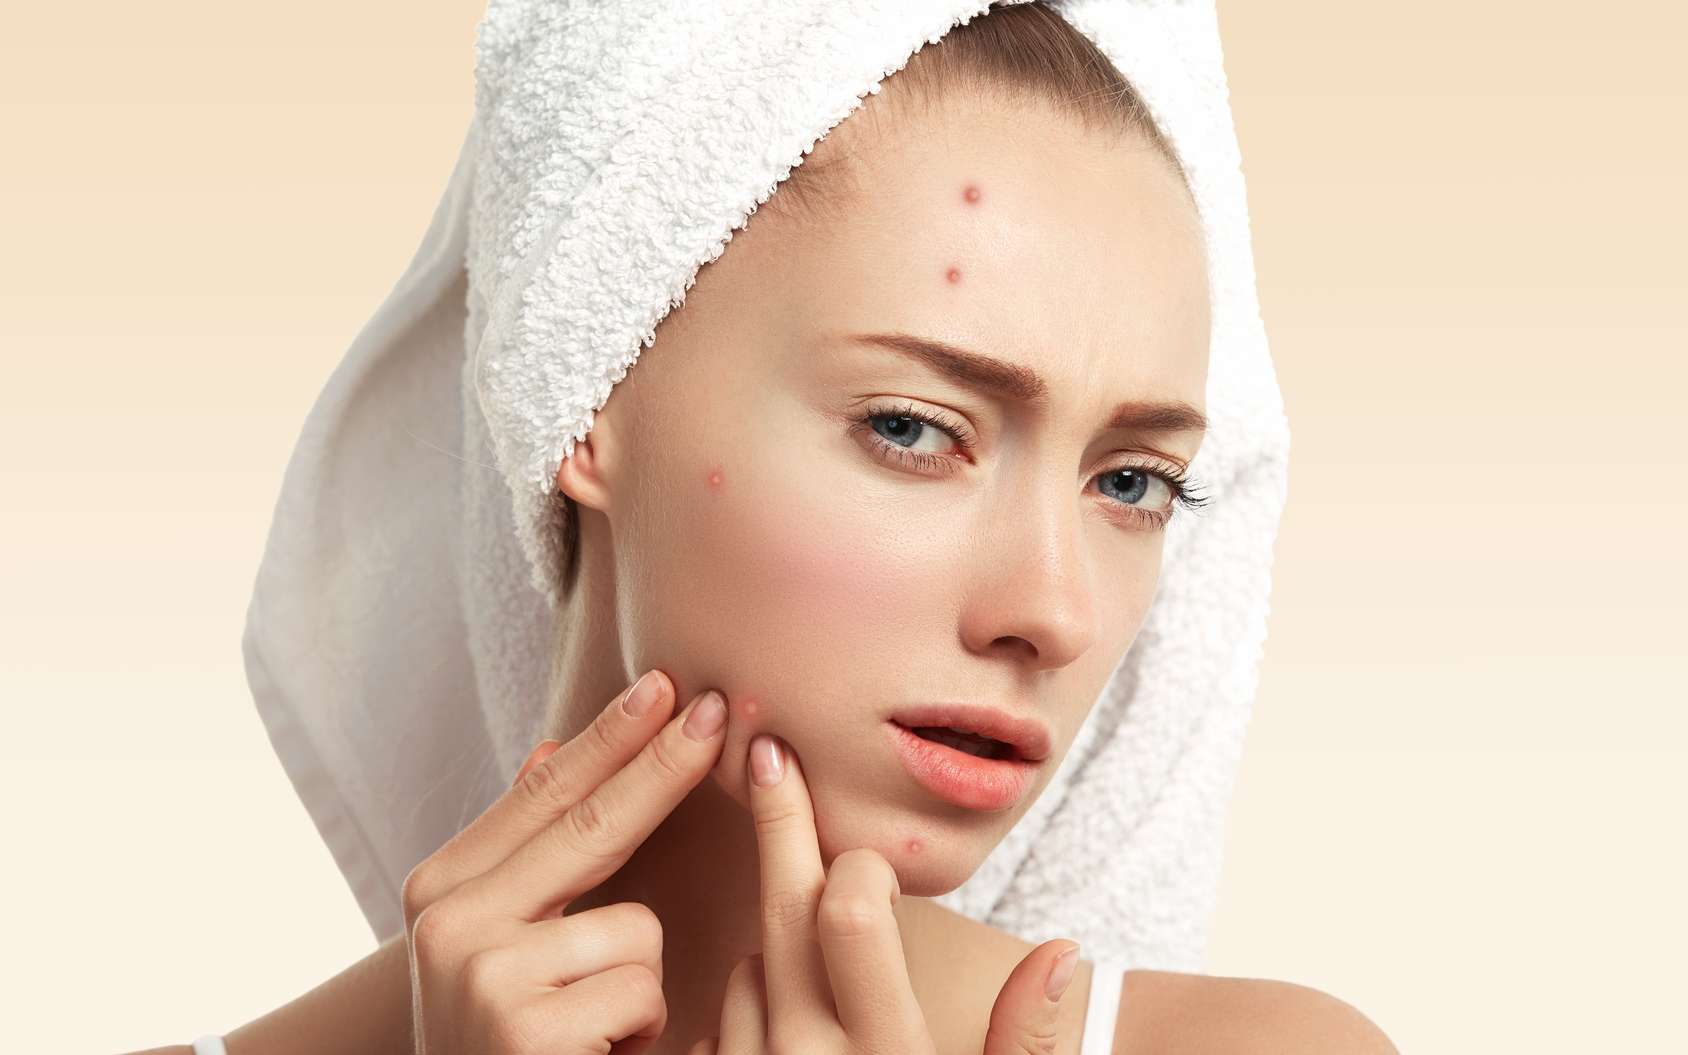 De plus en plus d'adulte sont touchés par l'acné. © Wayhome Studio, fotolia